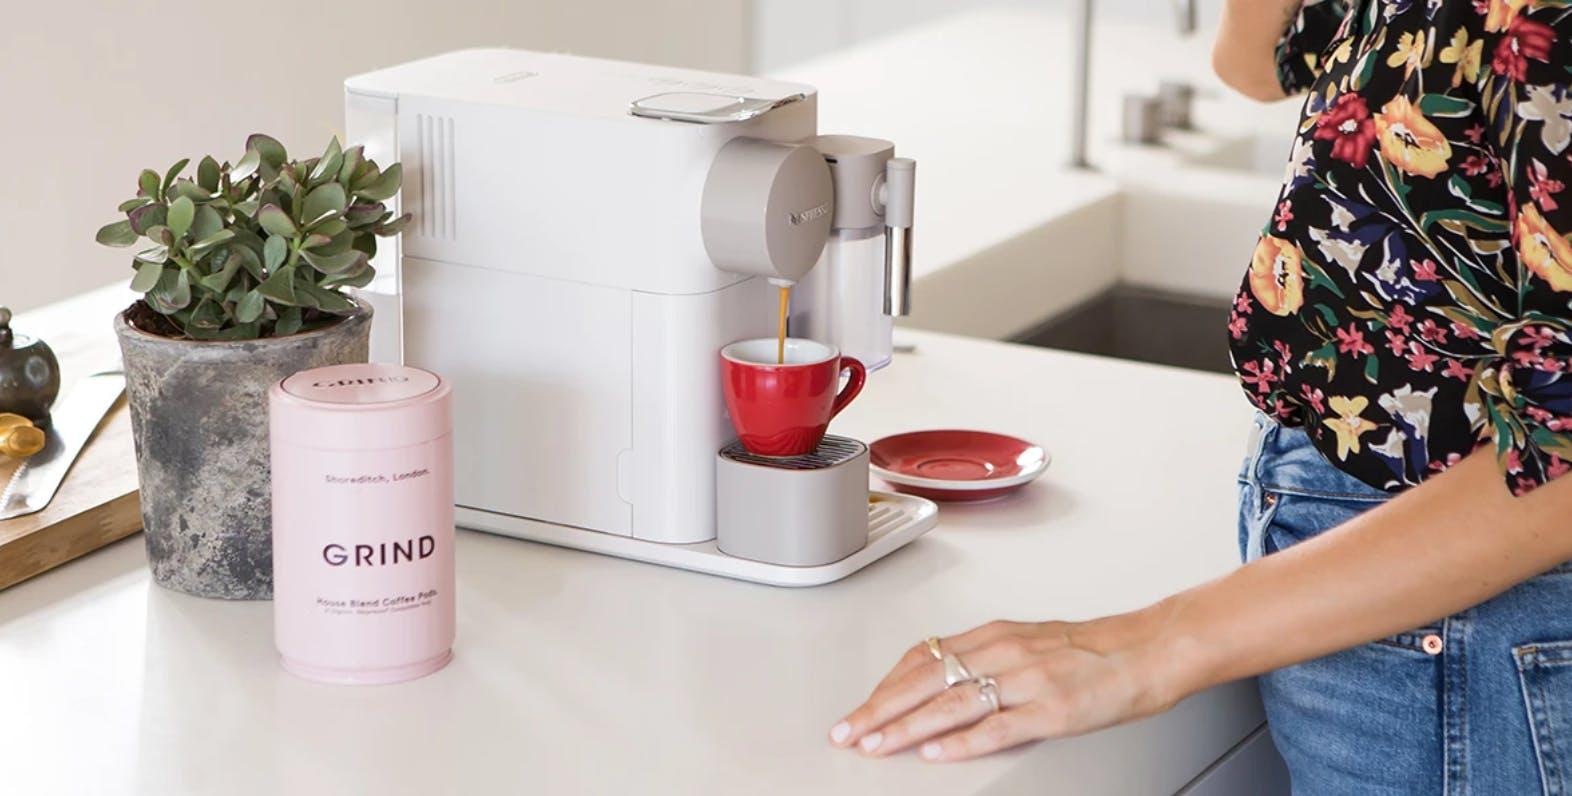 espresso pod machine in use